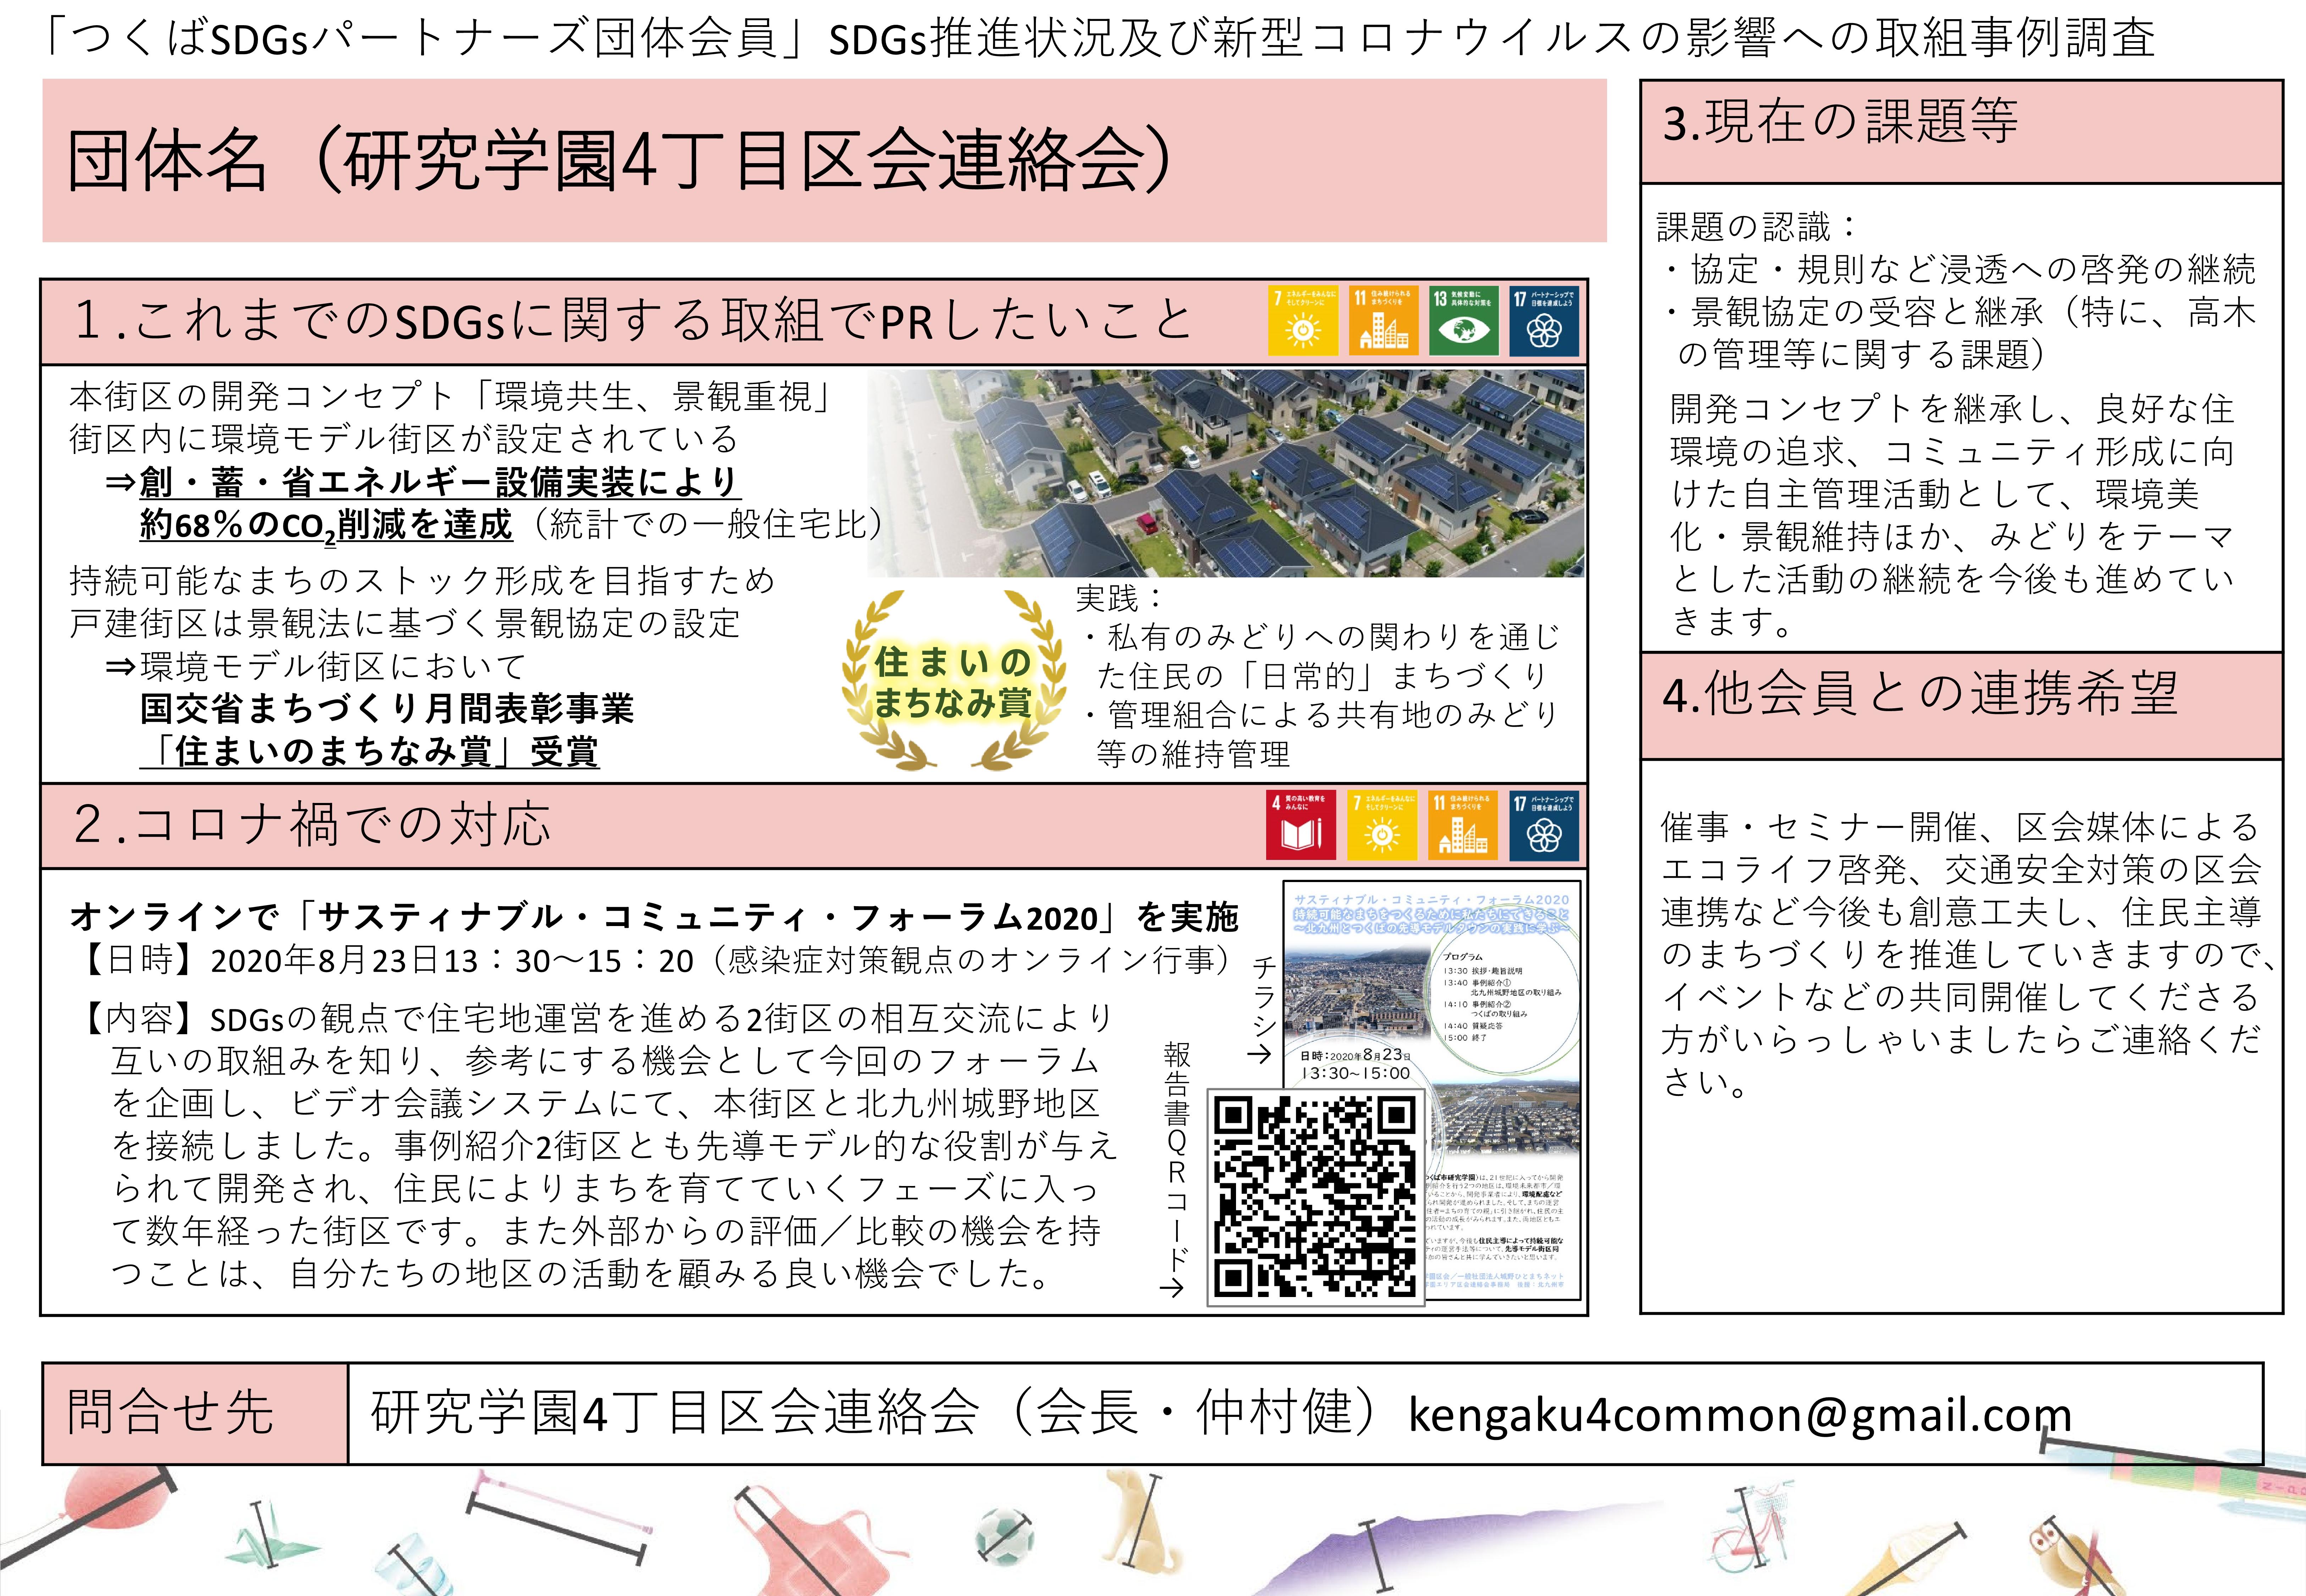 011_研究学園4丁目区会連絡会